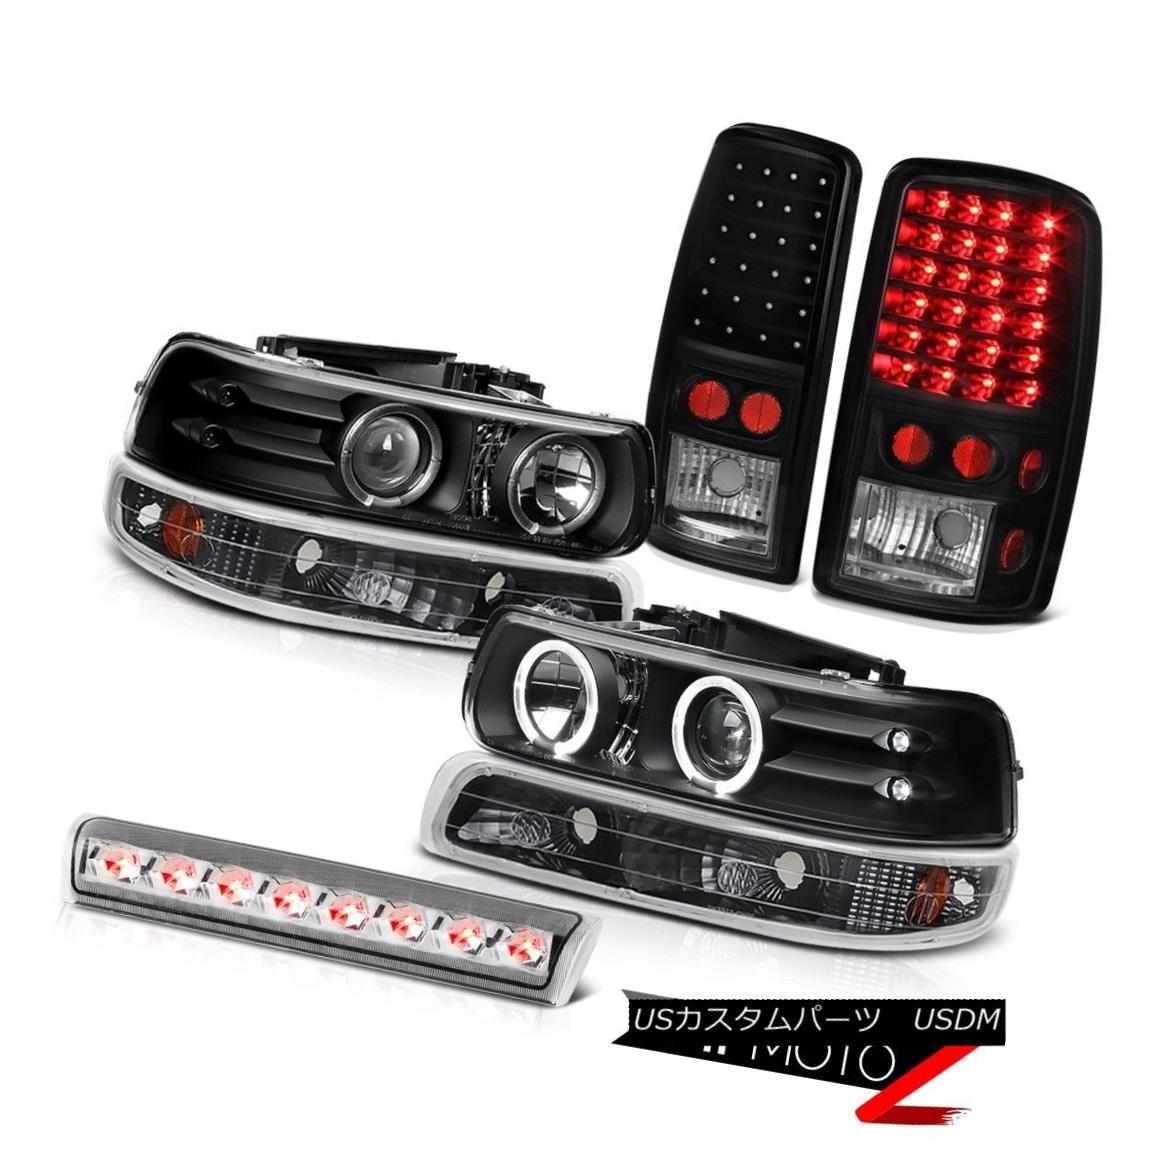 テールライト DRL LED Angel Eye Headlights Signal SMD Brake Lights Clear 00-06 Suburban 5.3L DRL LEDエンジェルアイヘッドライト信号SMDブレーキライトクリア00-06郊外5.3L